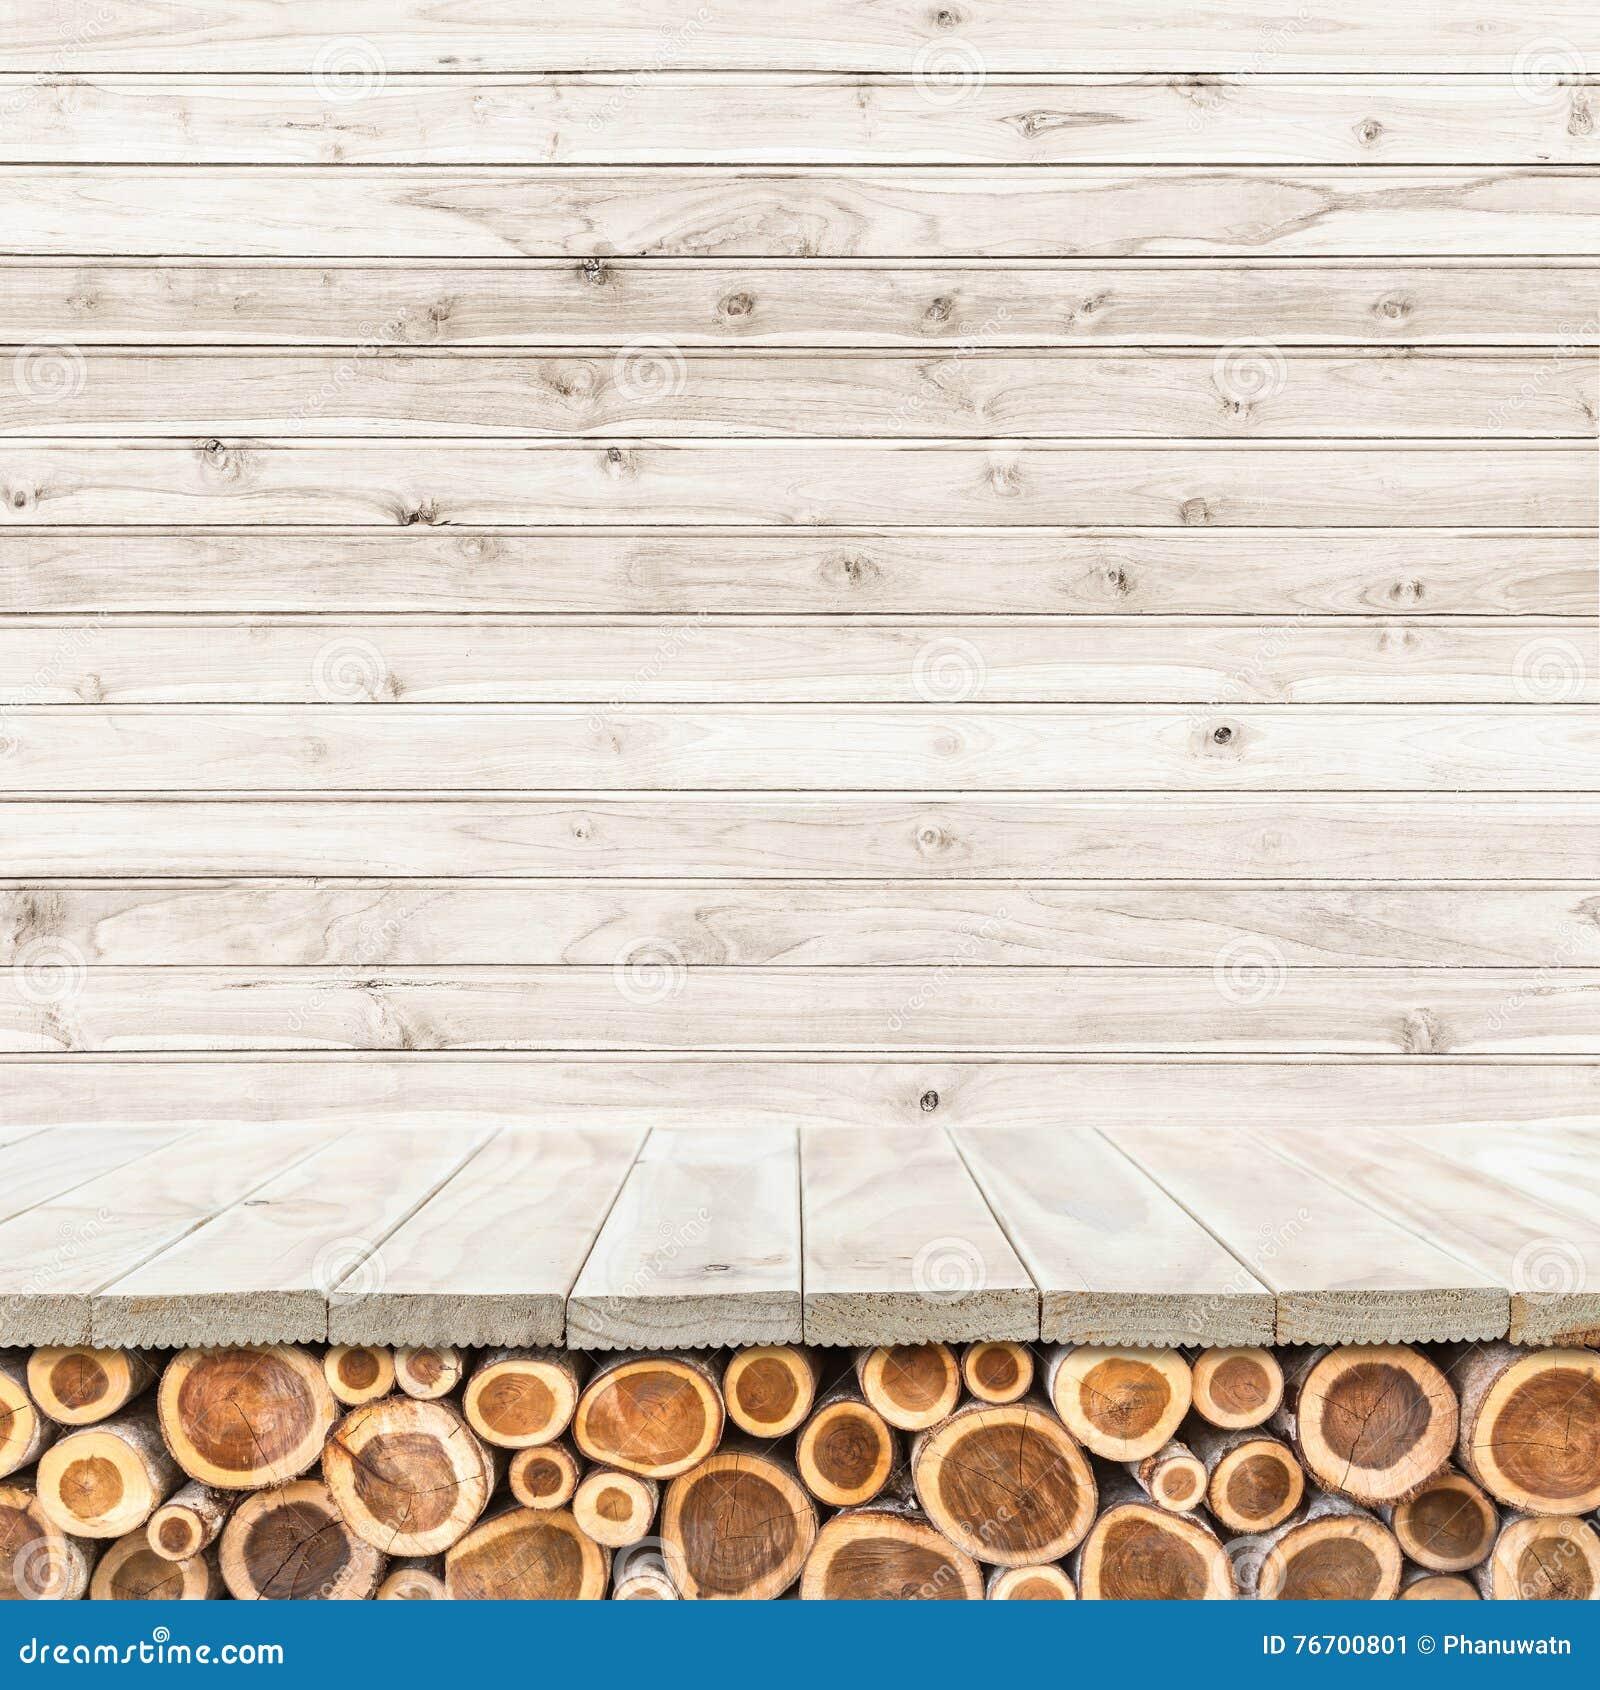 Пустая верхняя часть деревянного стола или счетчика на деревянной предпосылке